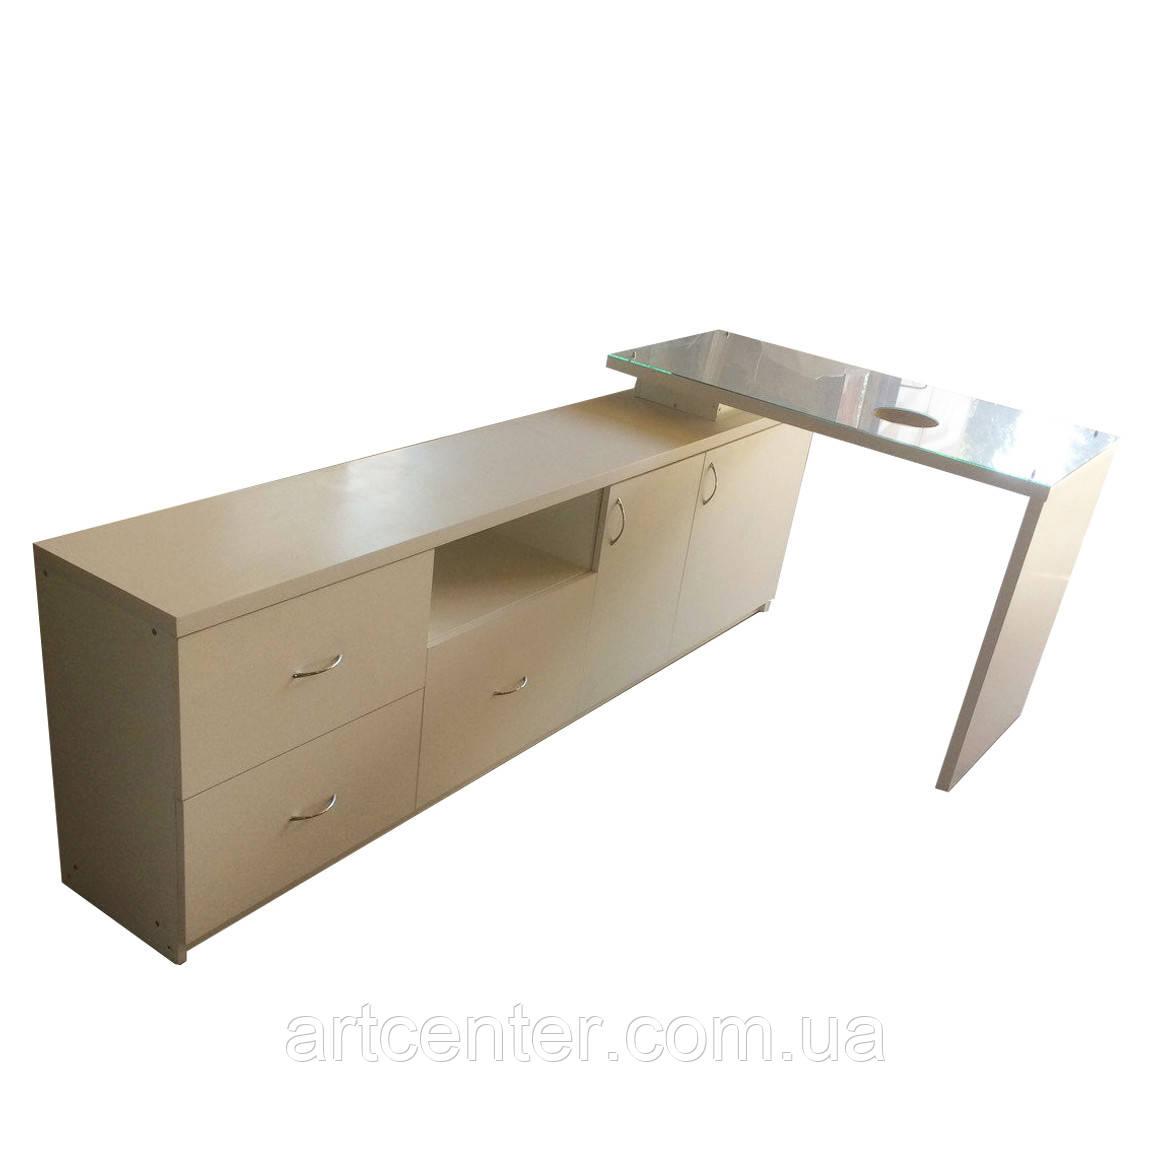 Стол для маникюра с нишей, маникюрный стол